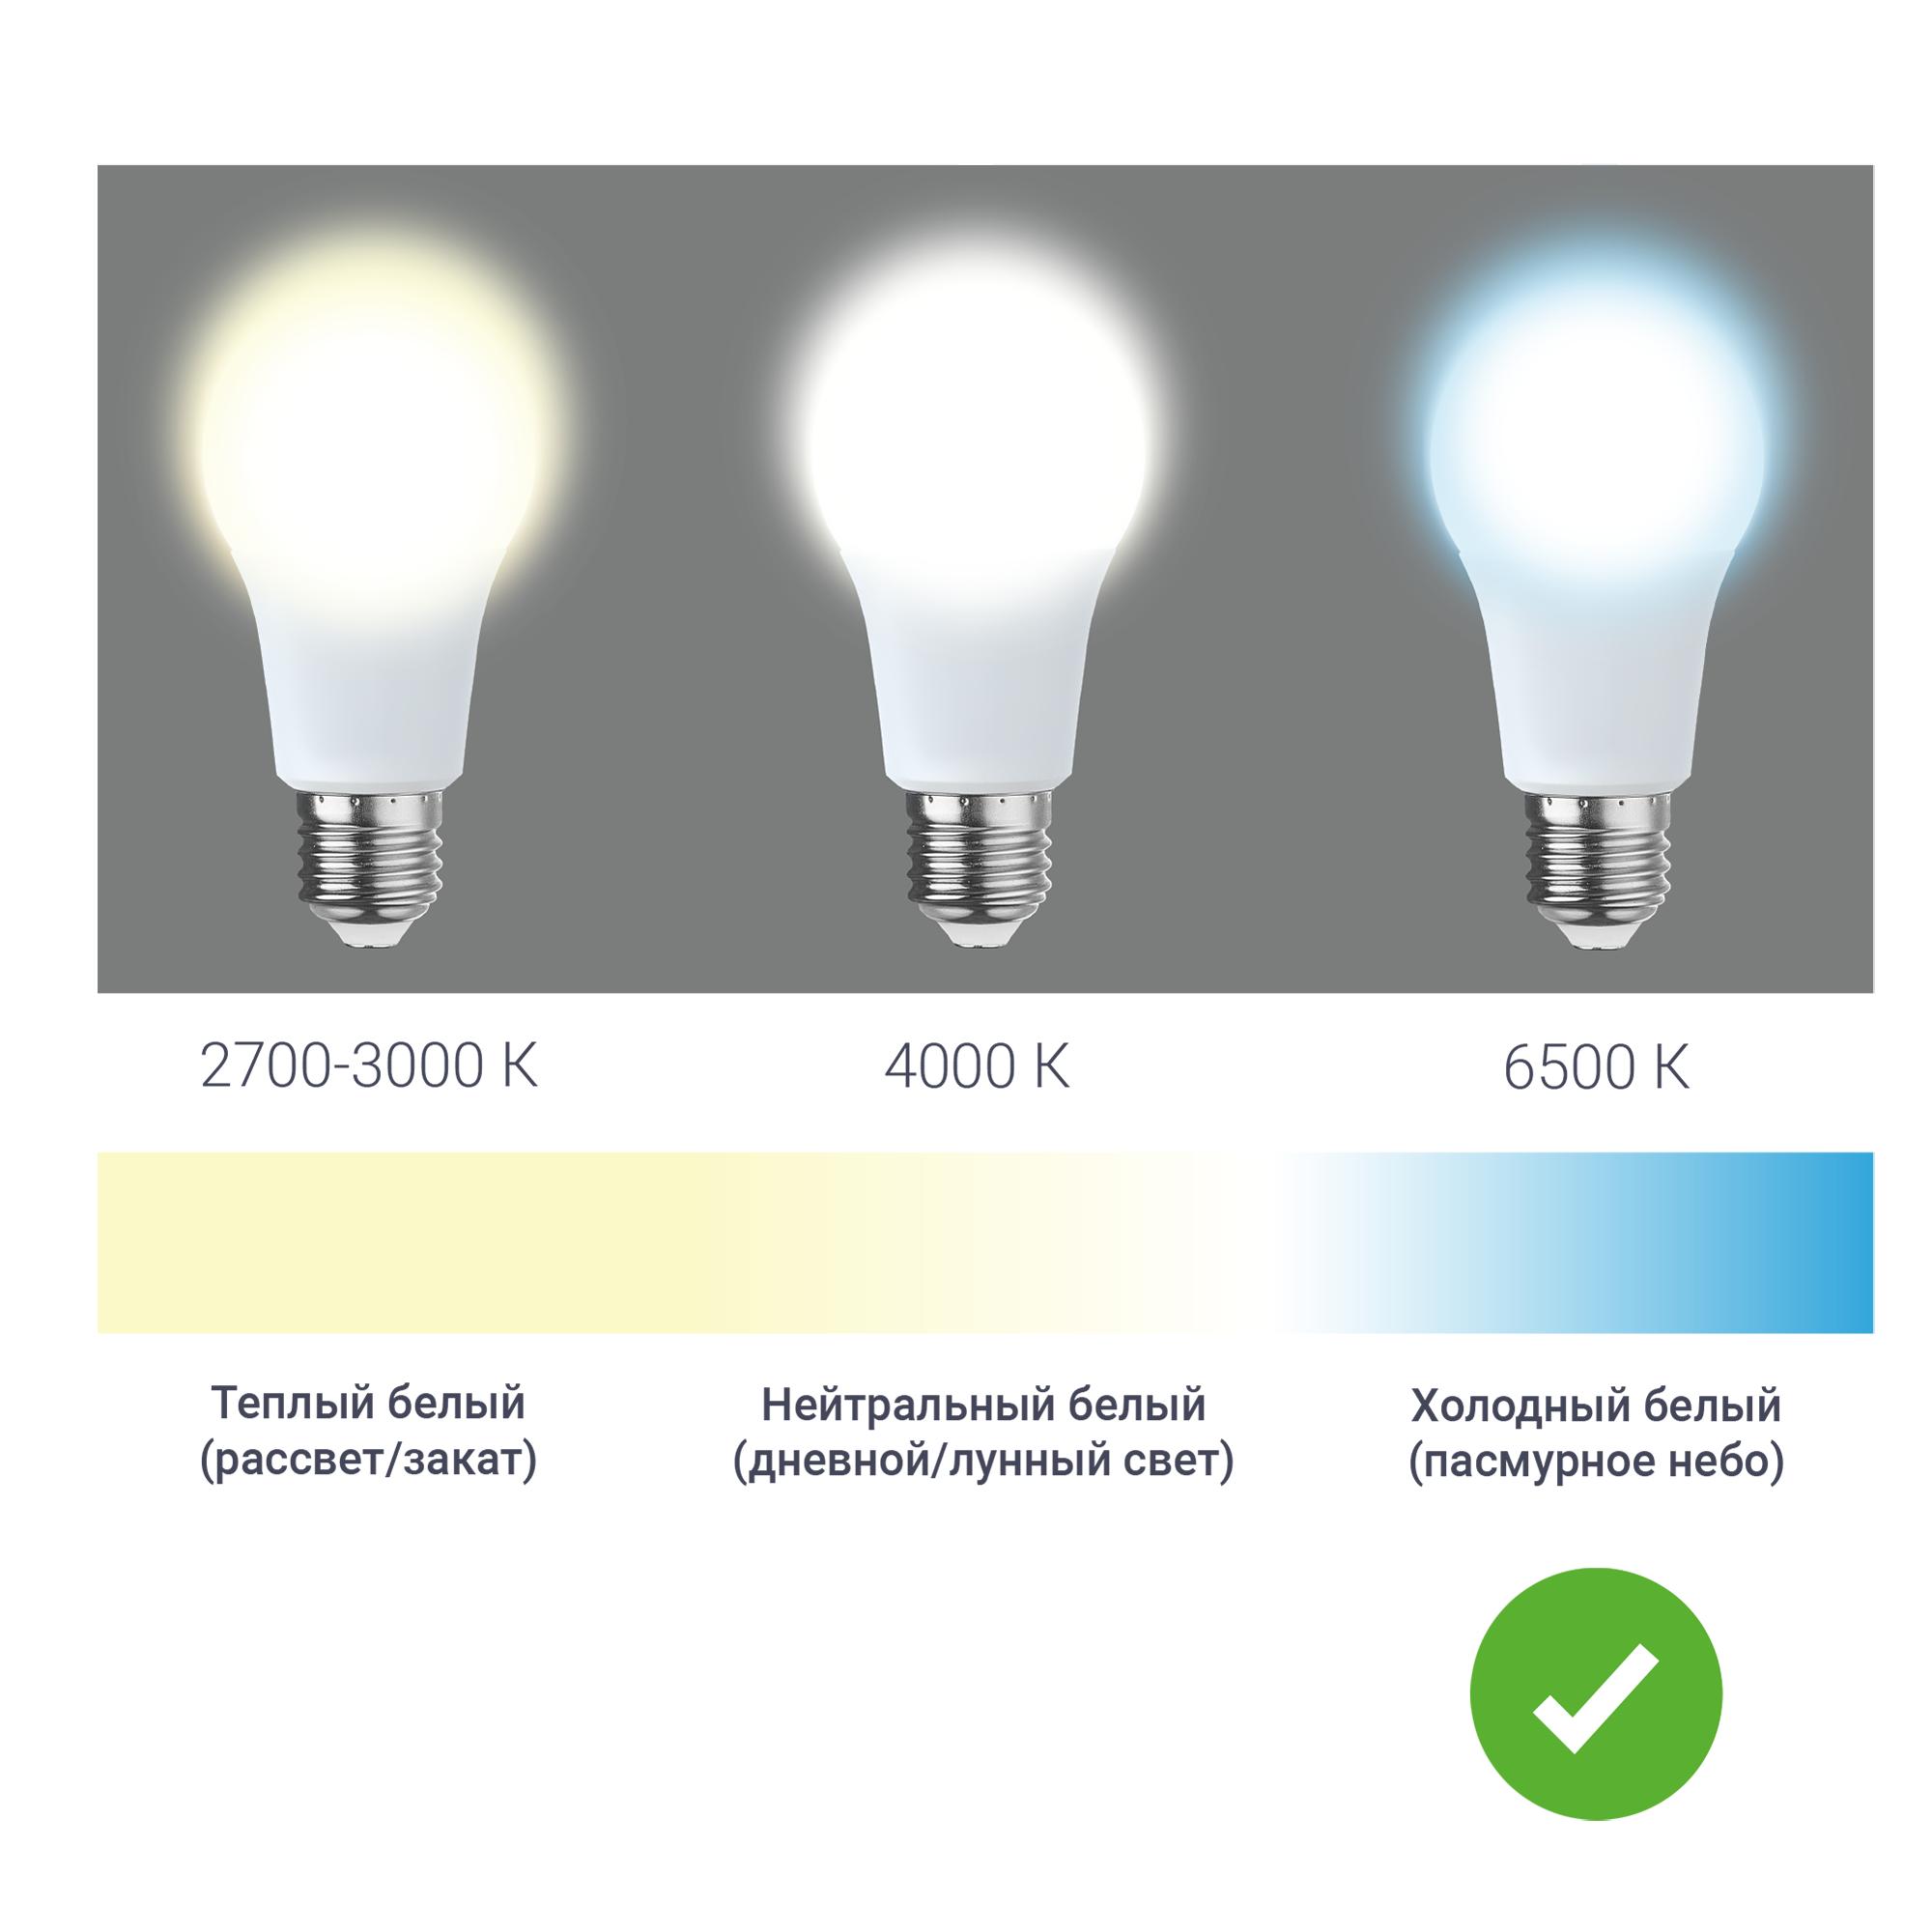 Лампа светодиодная E14 220-240 В 6.5 Вт шар матовая 550 лм холодный белый свет